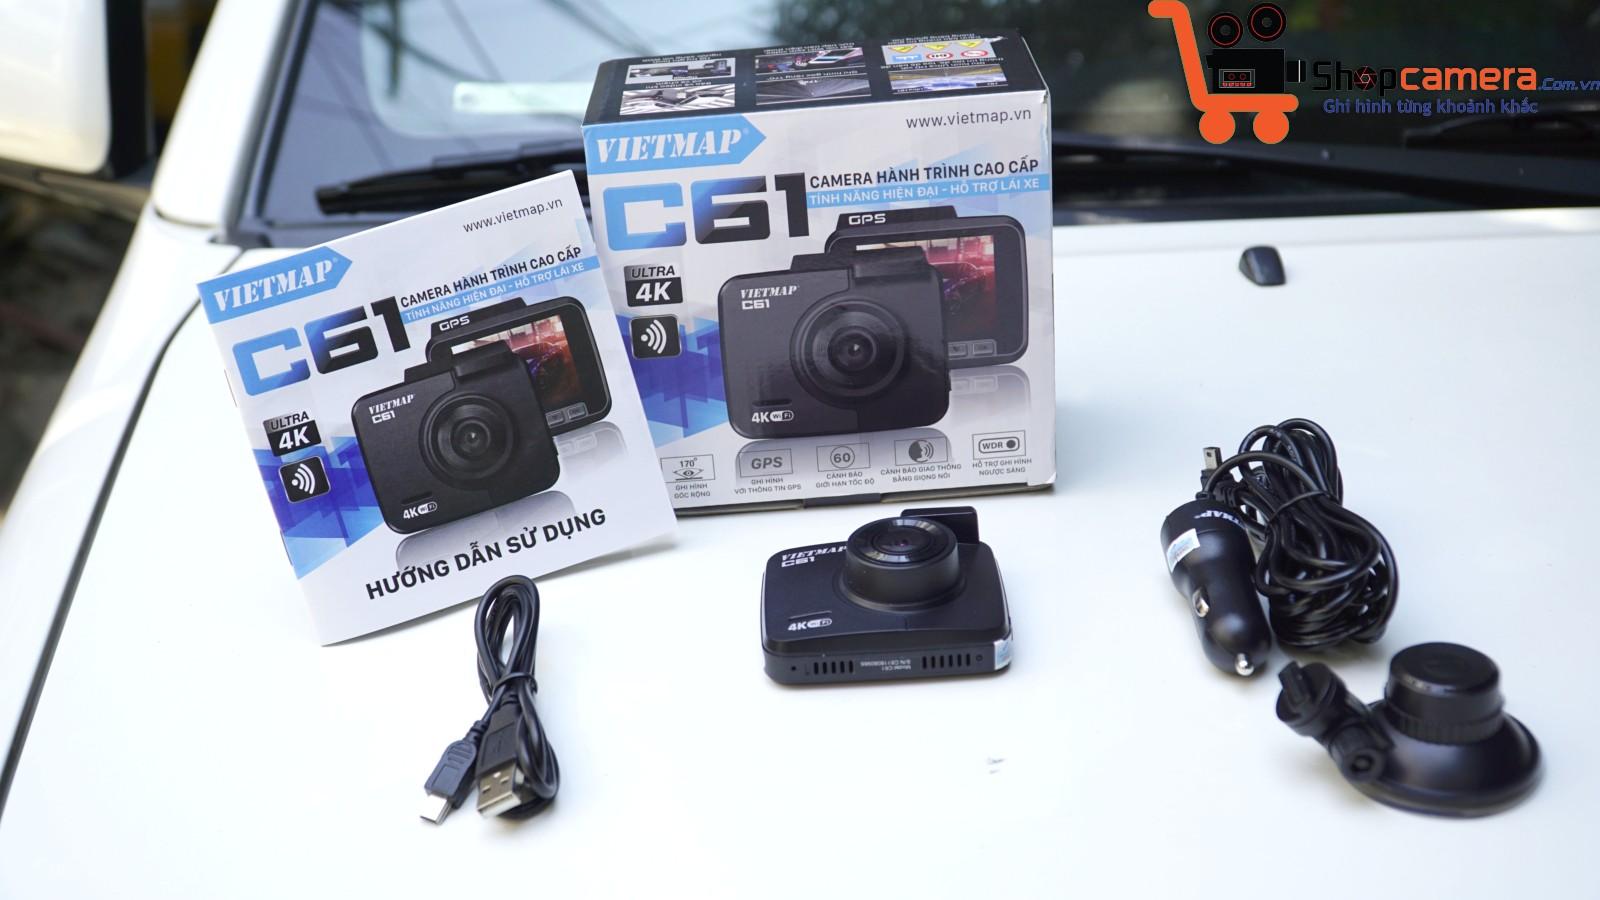 Camera hành trình C61 chuyên nghiệp cho xe ô tô